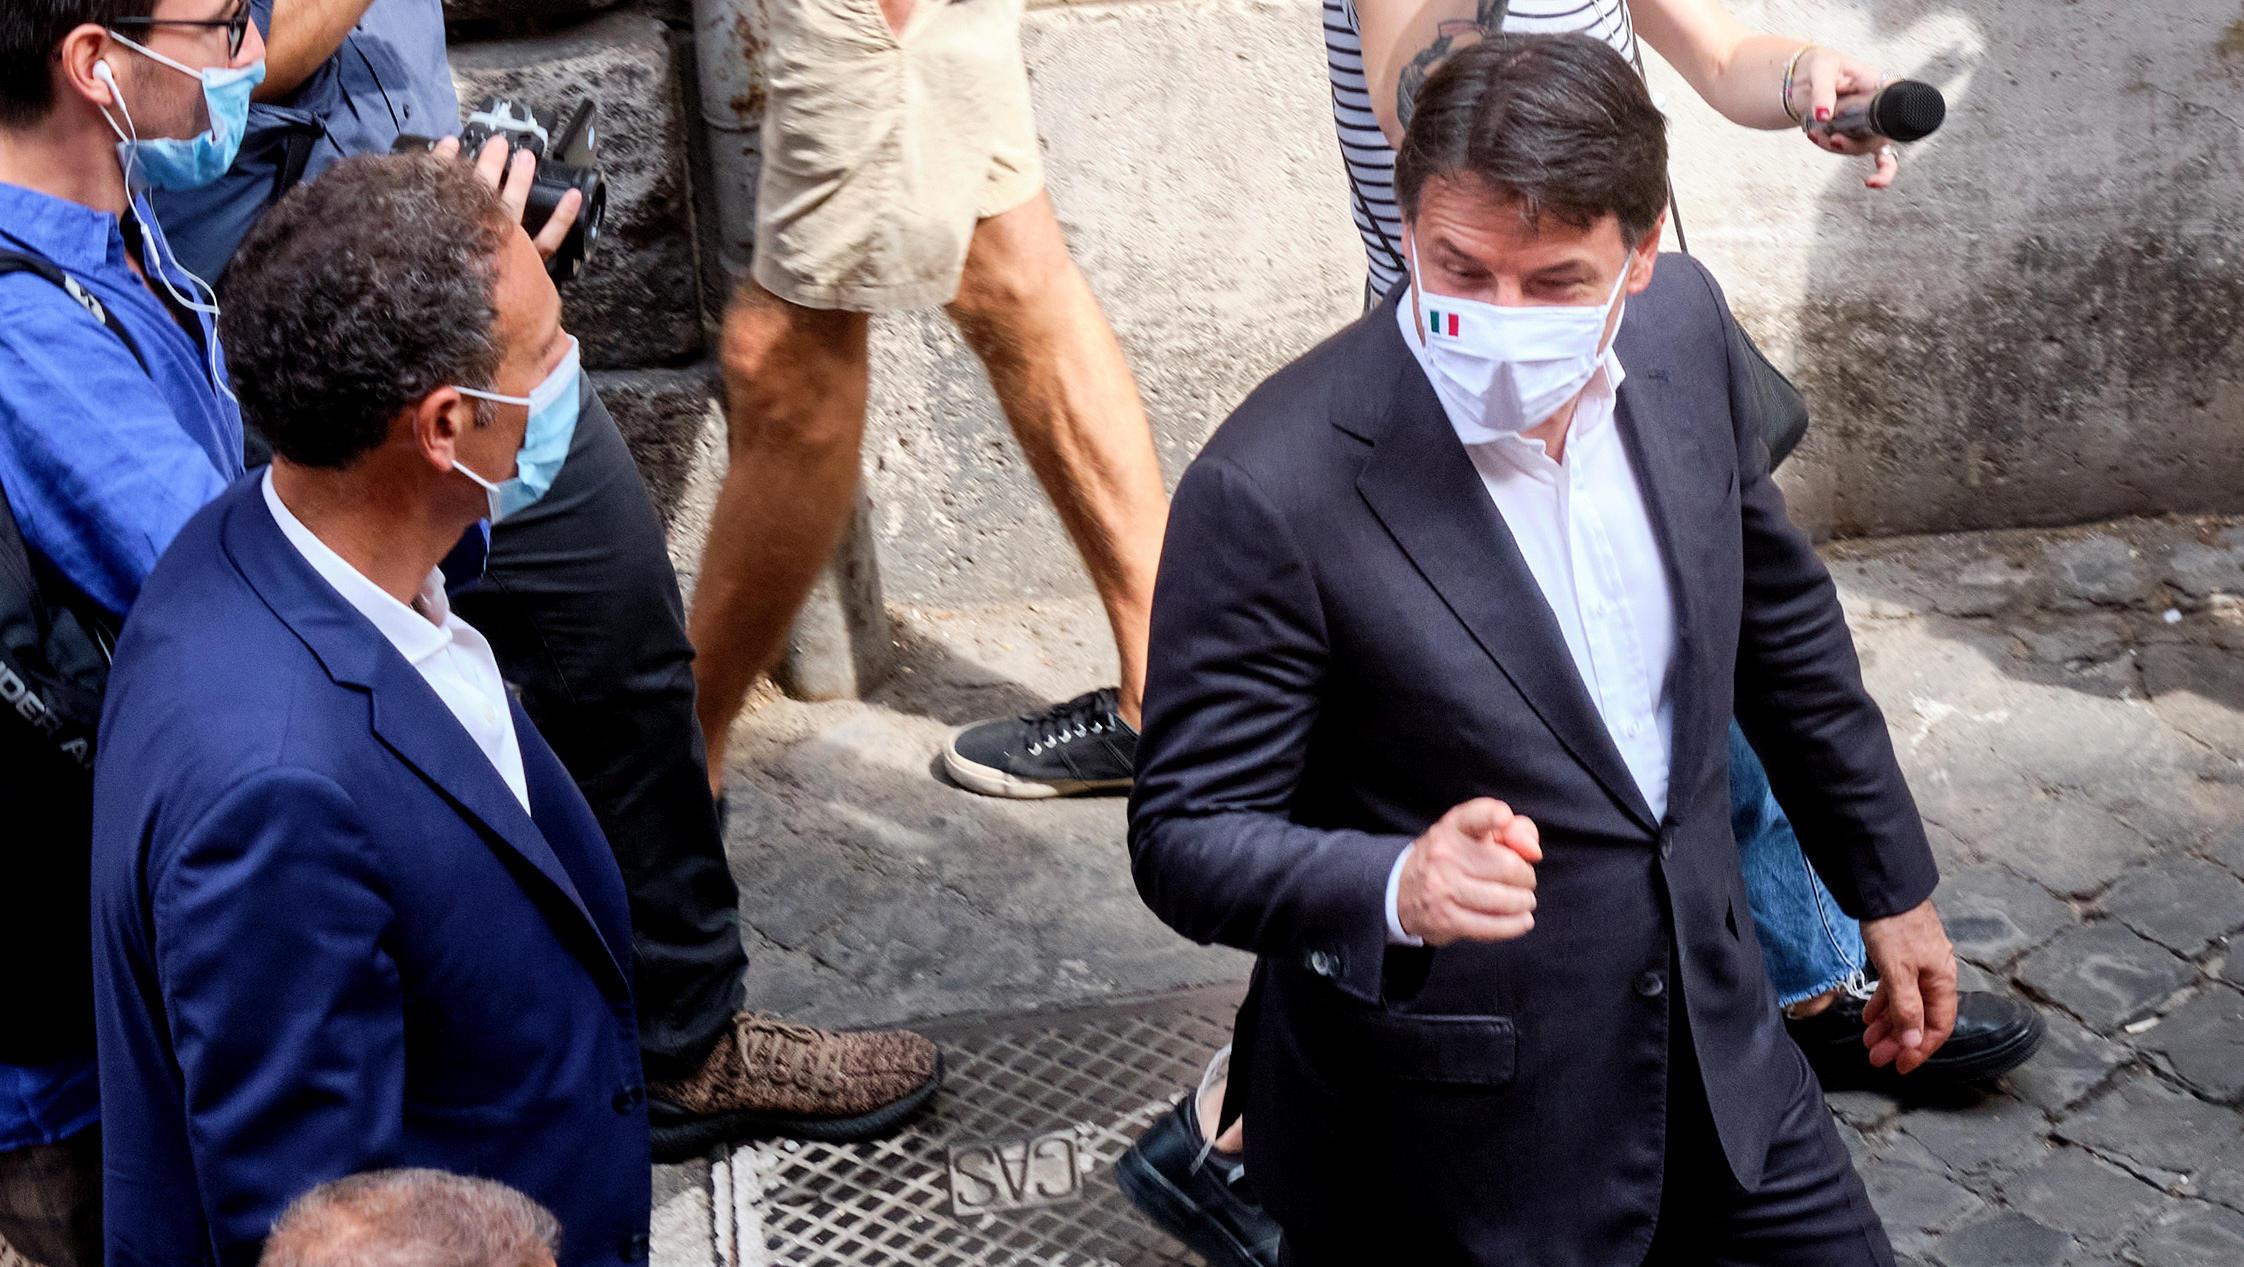 Italiener verpassen ihren Politikern eine schallende Ohrfeige